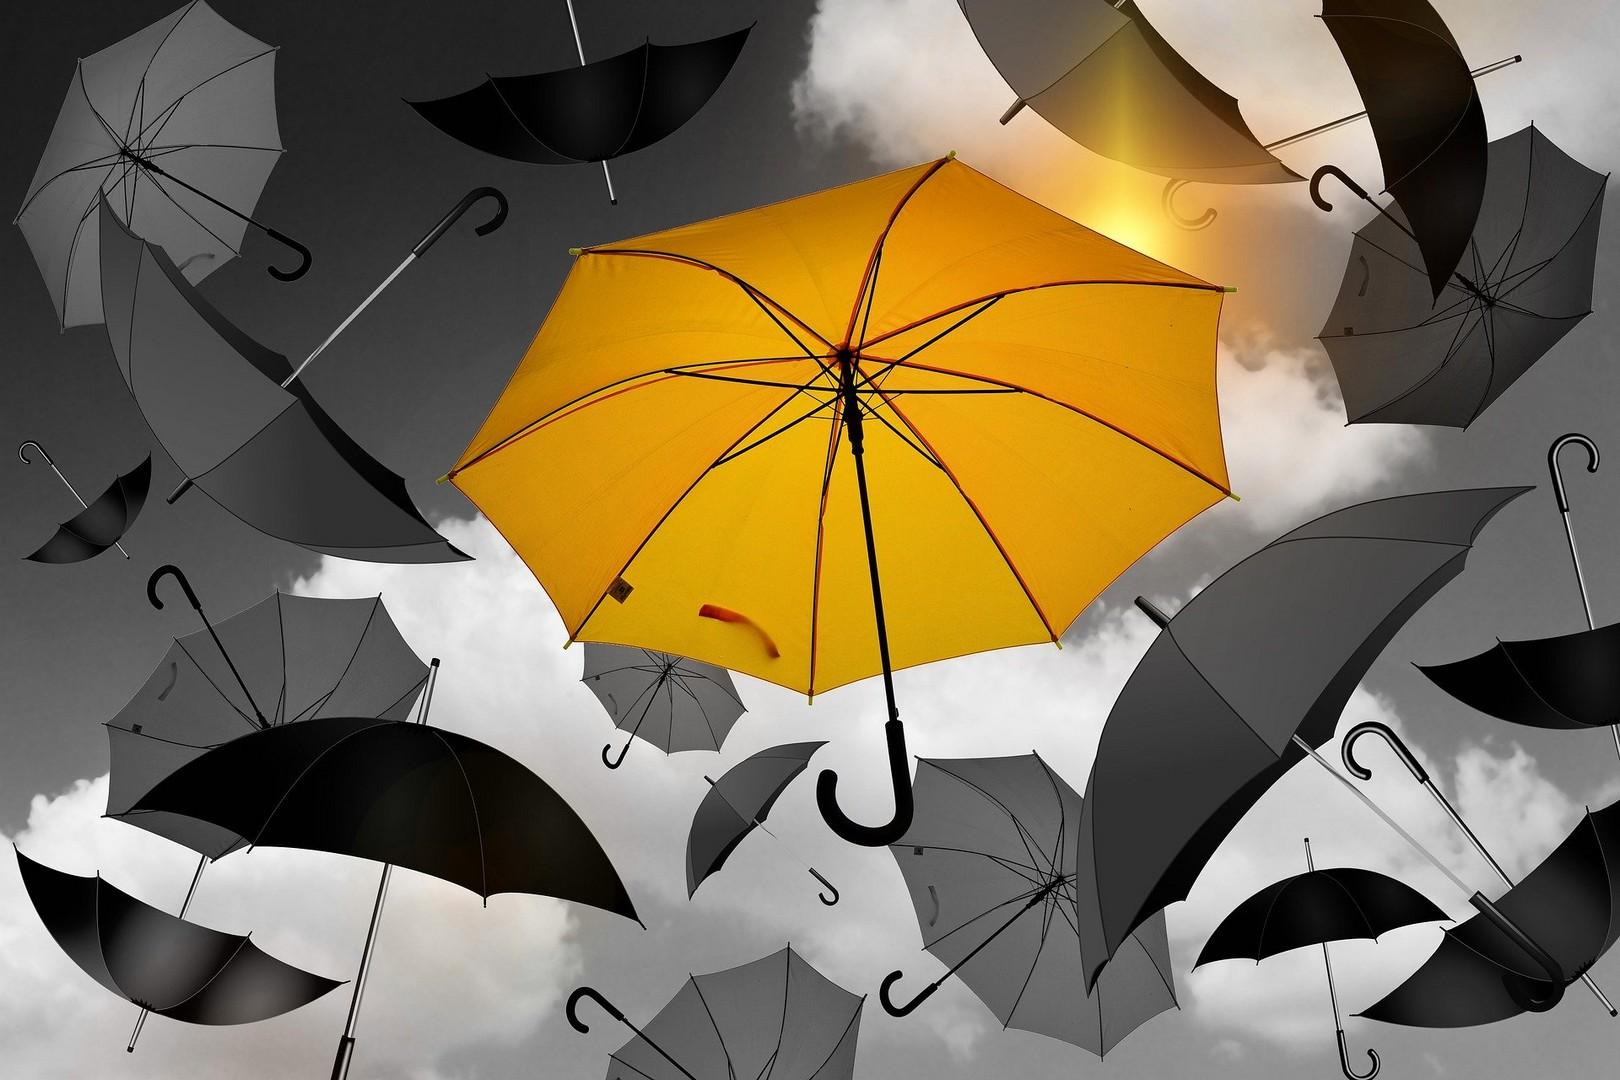 Тоска на душе: суть состояния, последствия, избавляемся